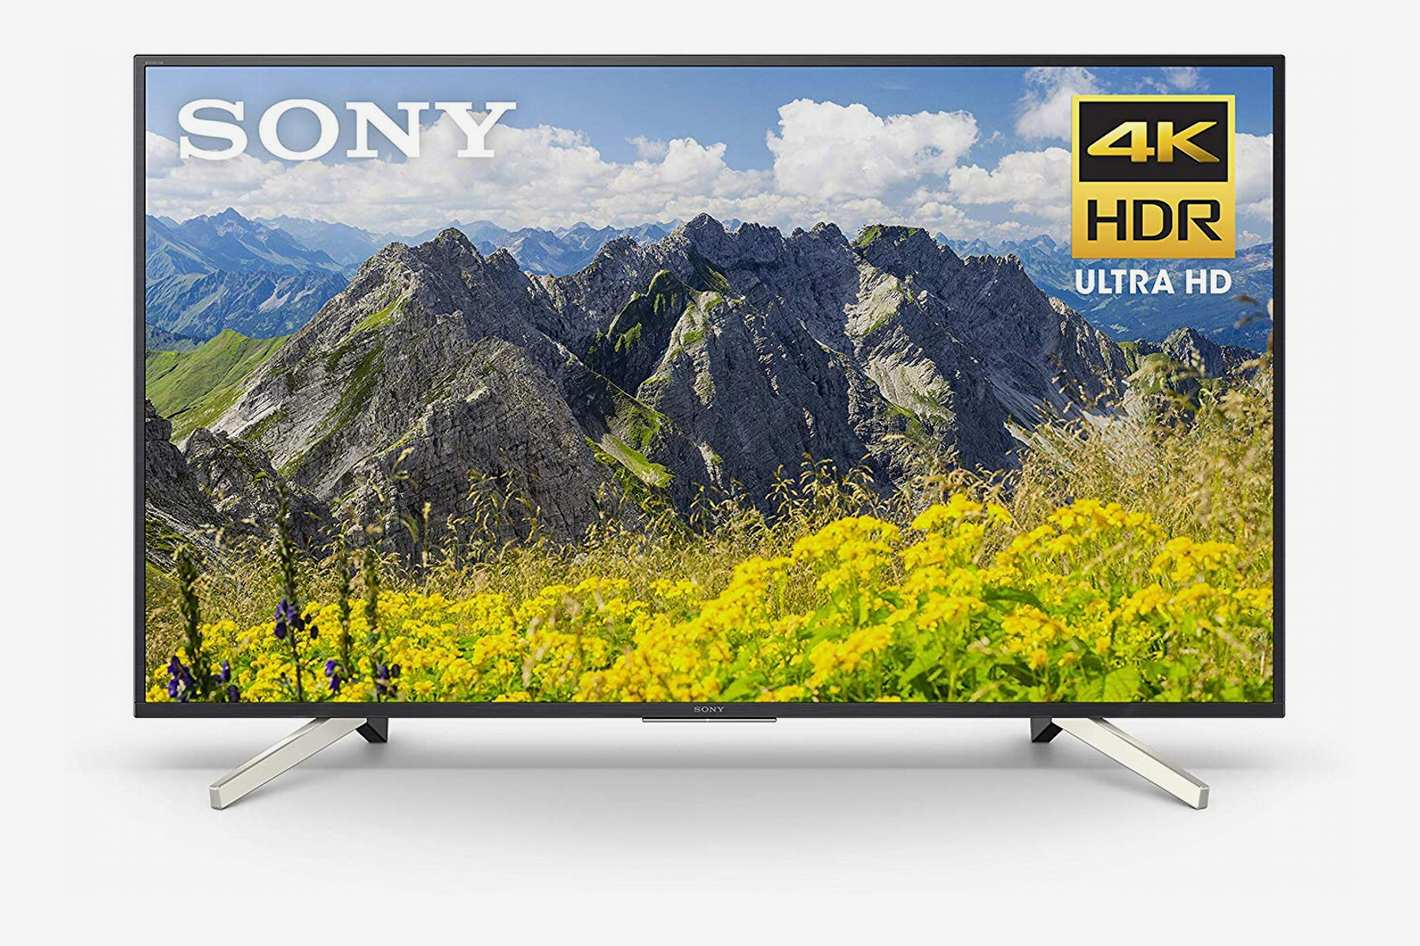 Sony 55-Inch 4K Ultra HD Smart LED TV